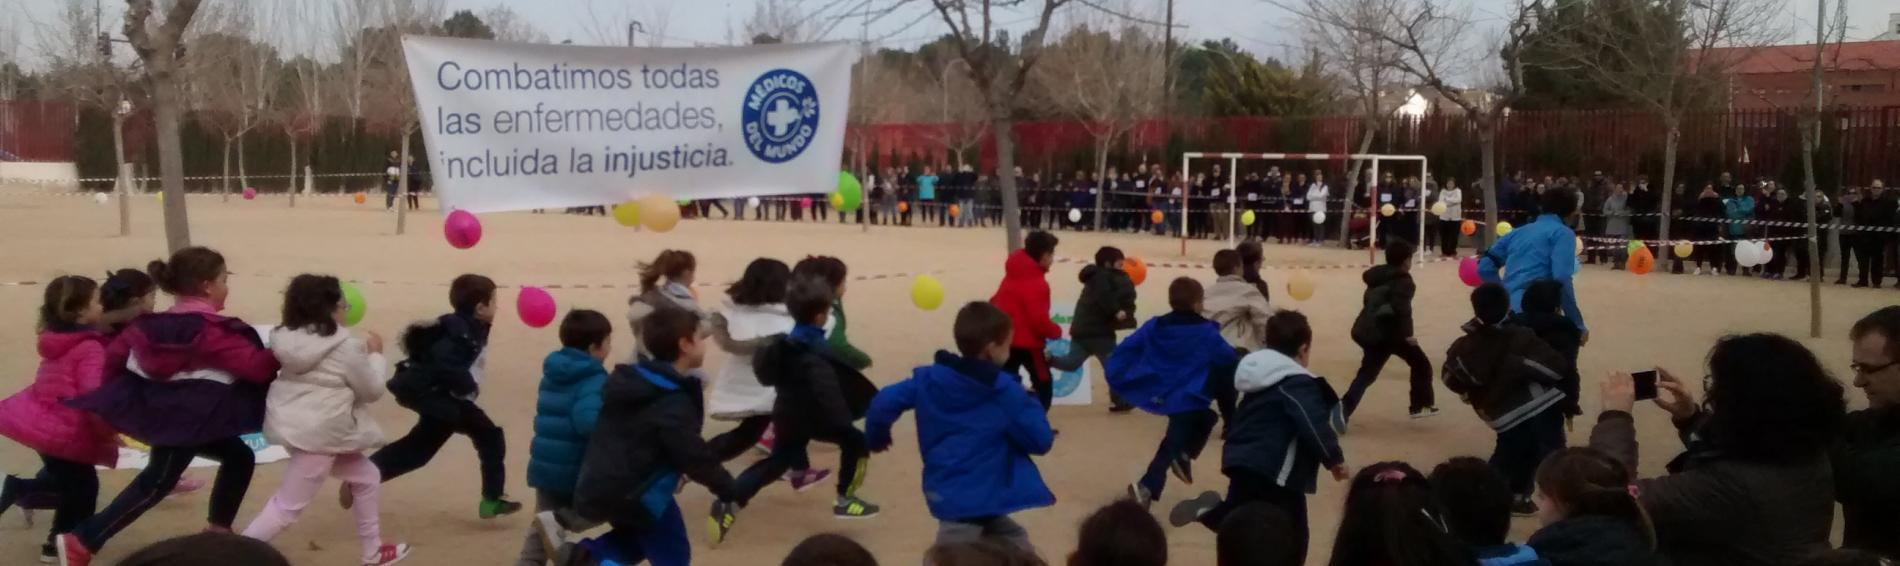 Carrera solidaria en Albacete de Médicos del Mundo